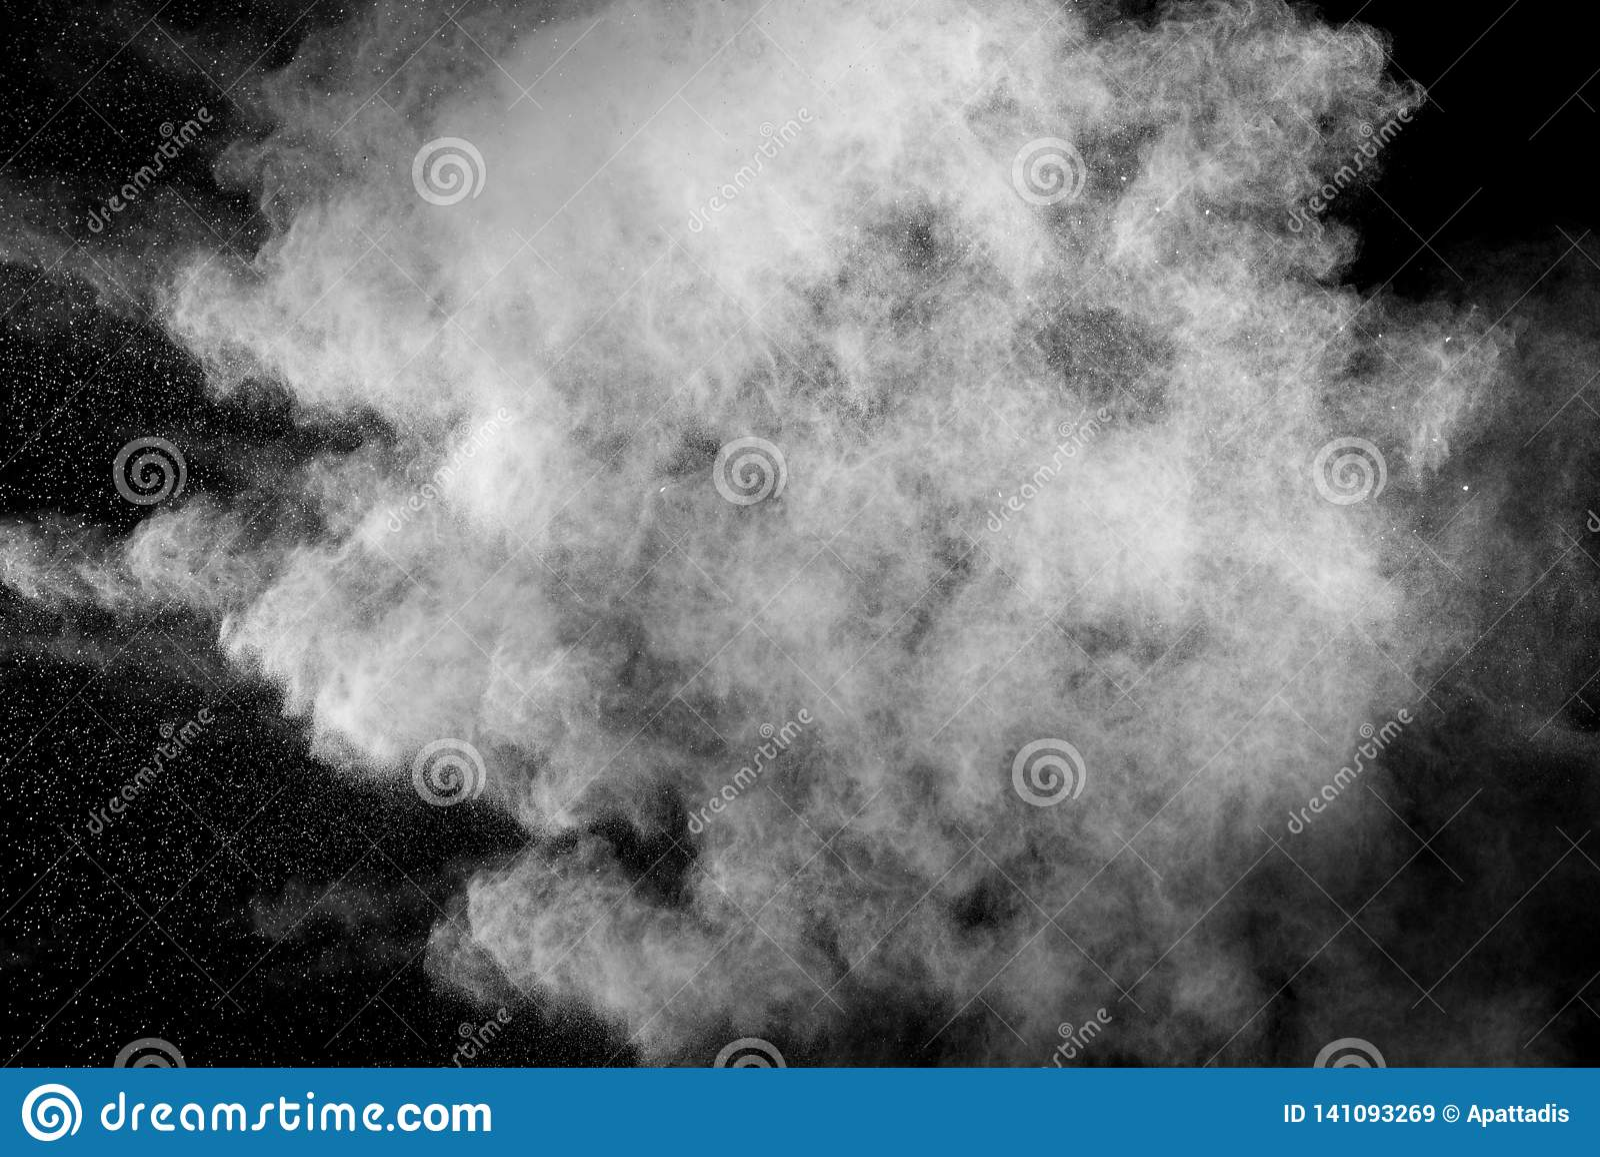 White dust exhale in the air. Motion powder spray burst in dark background